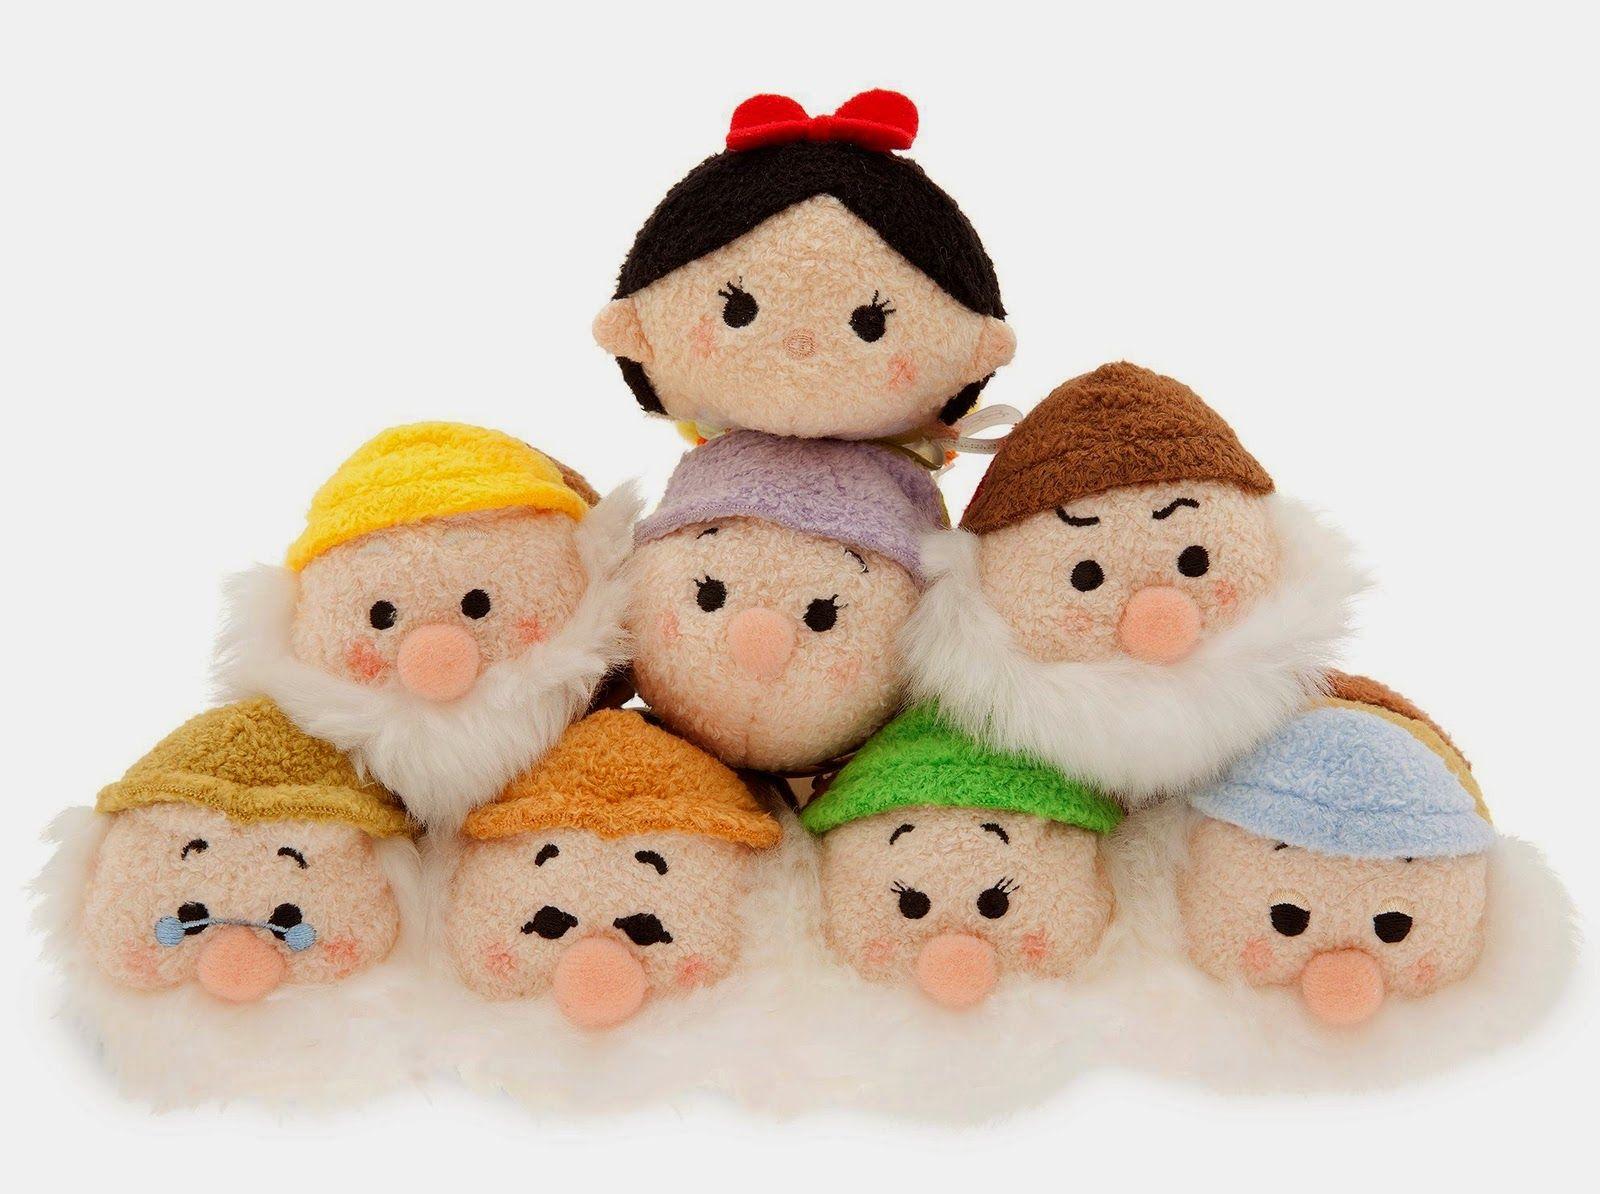 Amigurumis Personajes De Disney : Pin de la aventura comienza en doll amigurumi